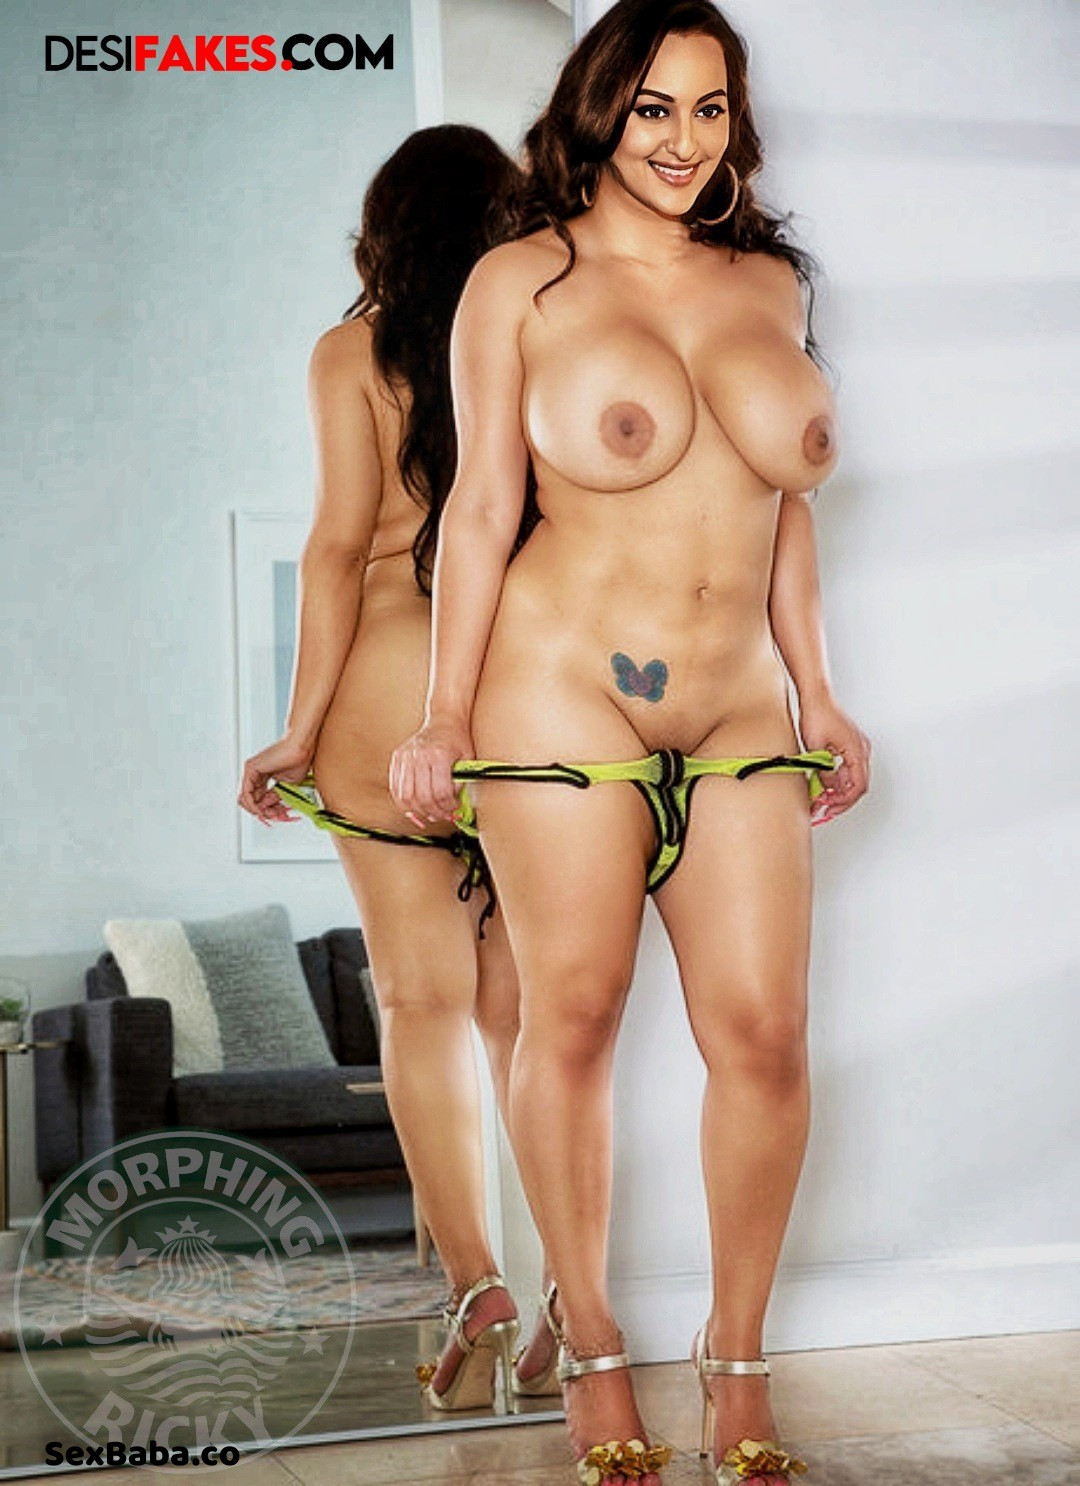 Sonakshi sinha Nude Fakes 20 - Hot Sonakshi Sinha Nude XXX Photos